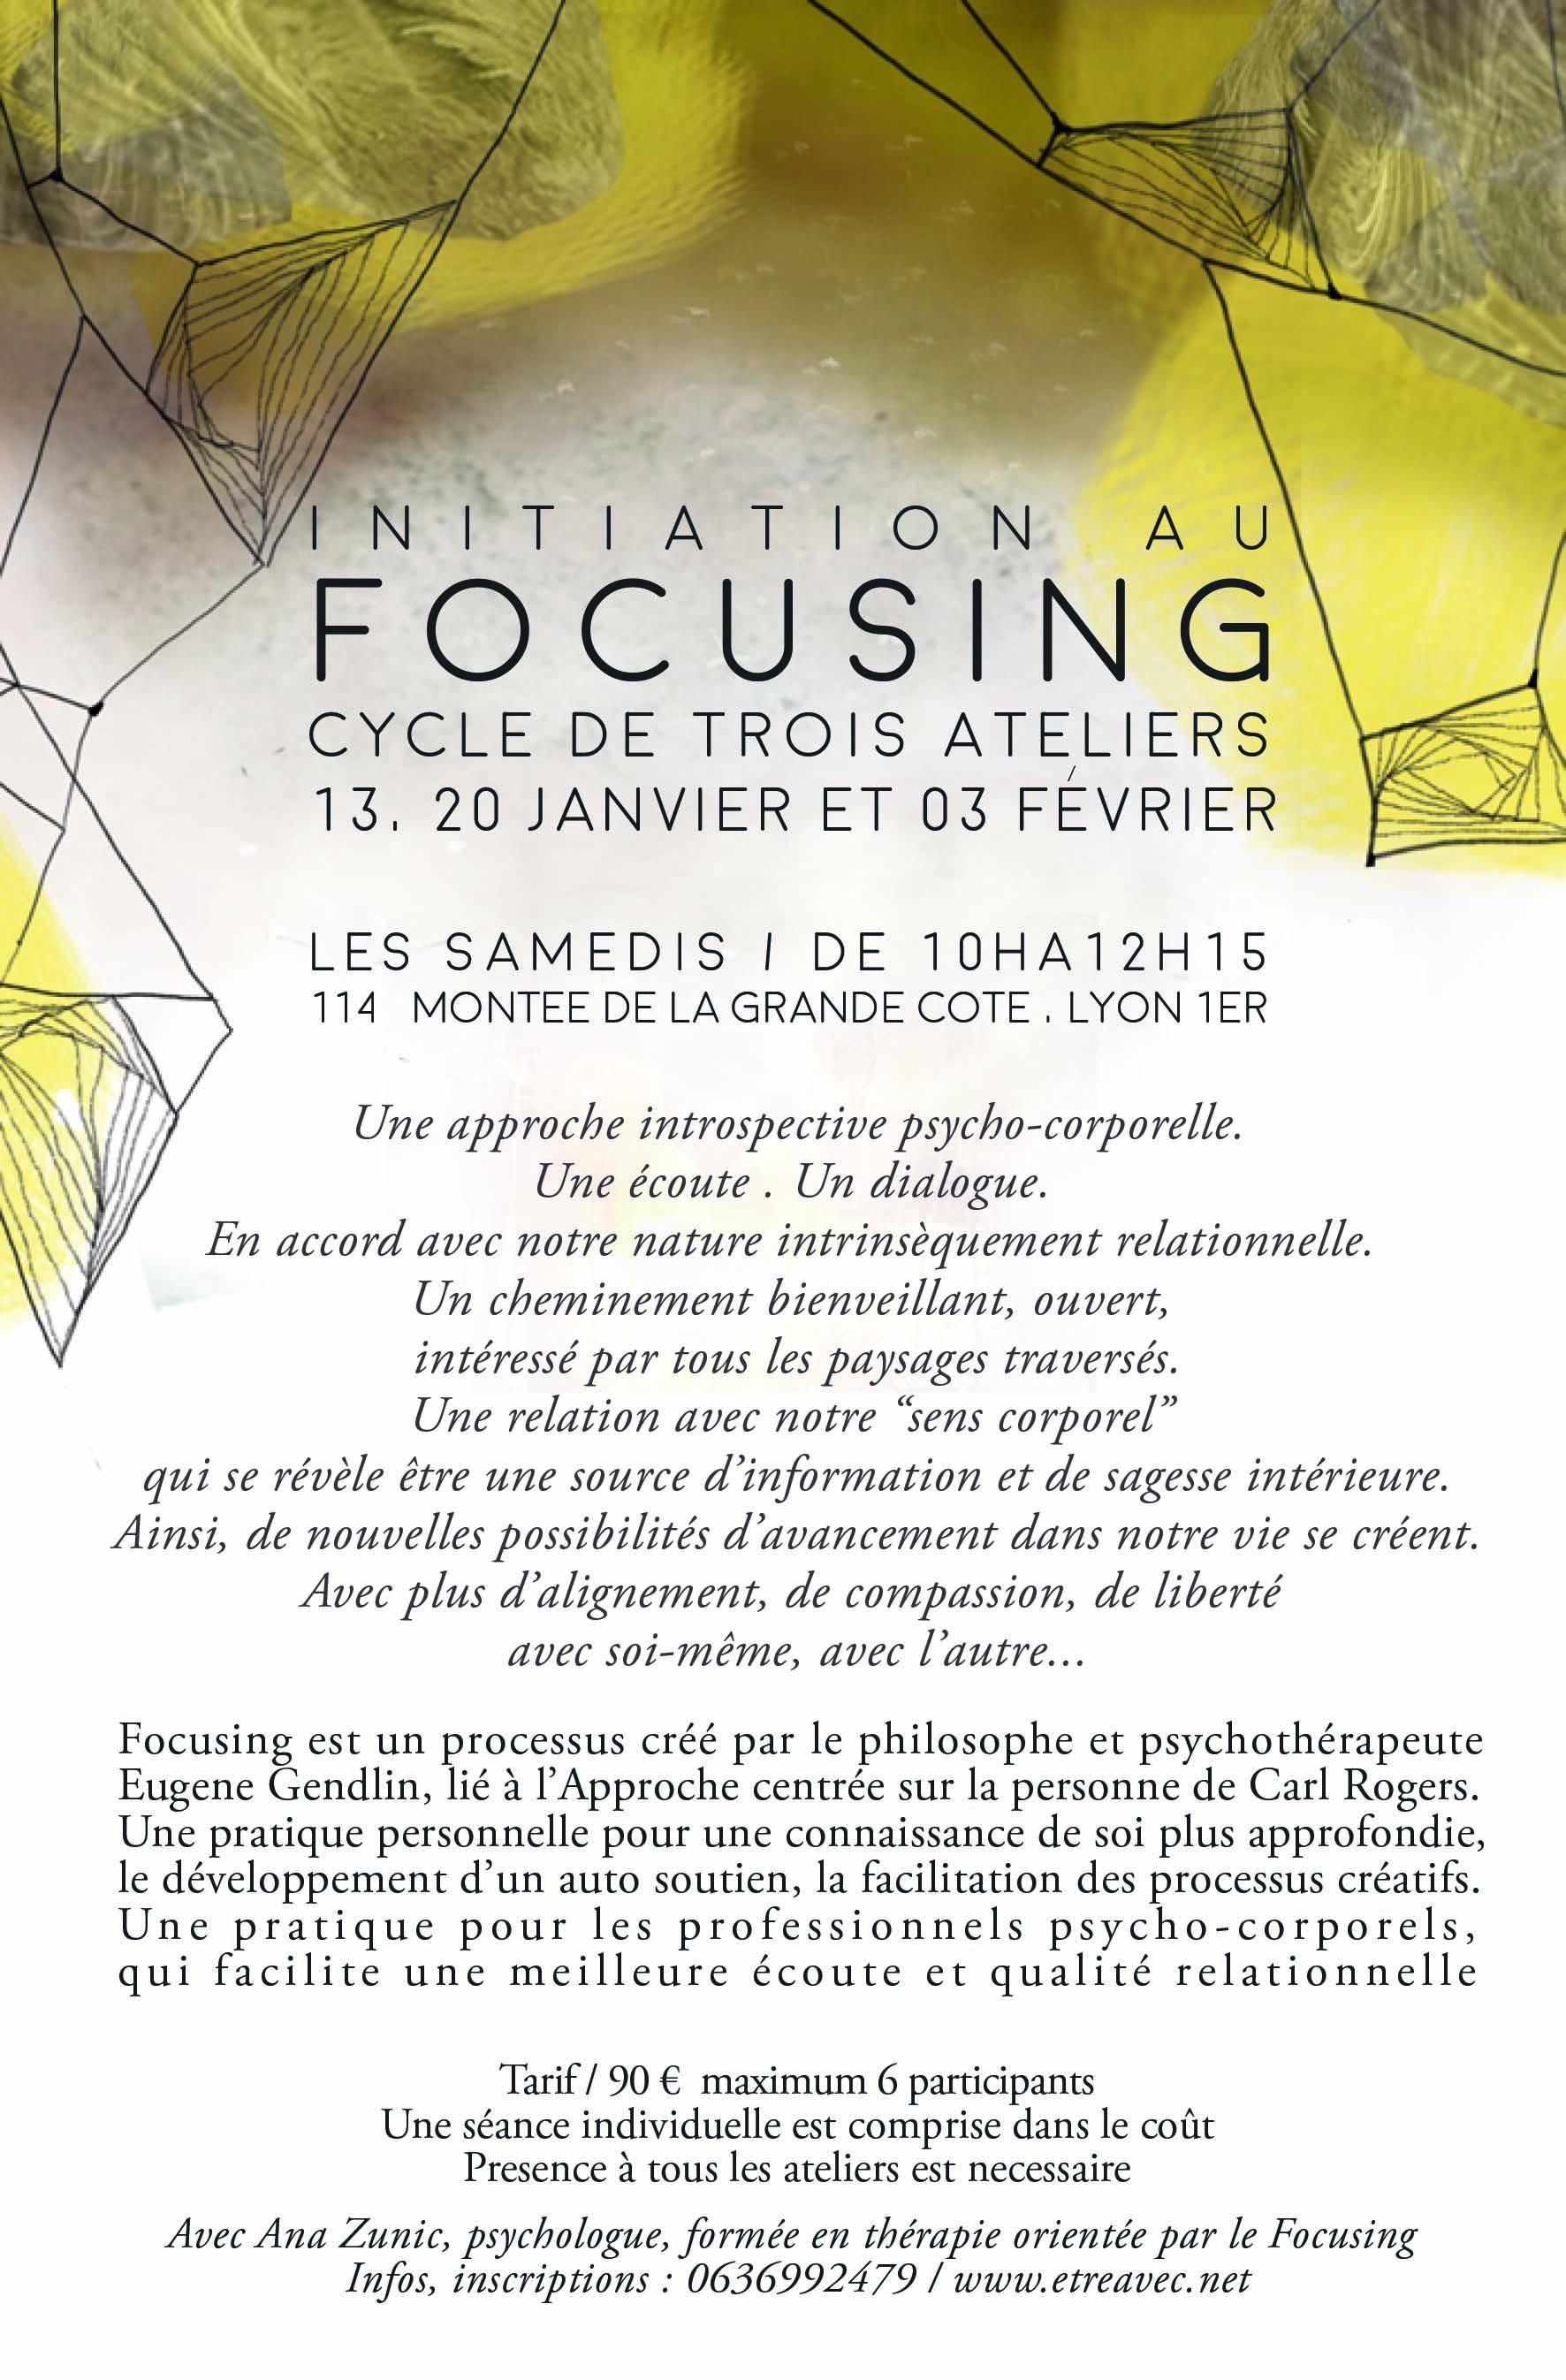 ateliers du Focusing à Lyon